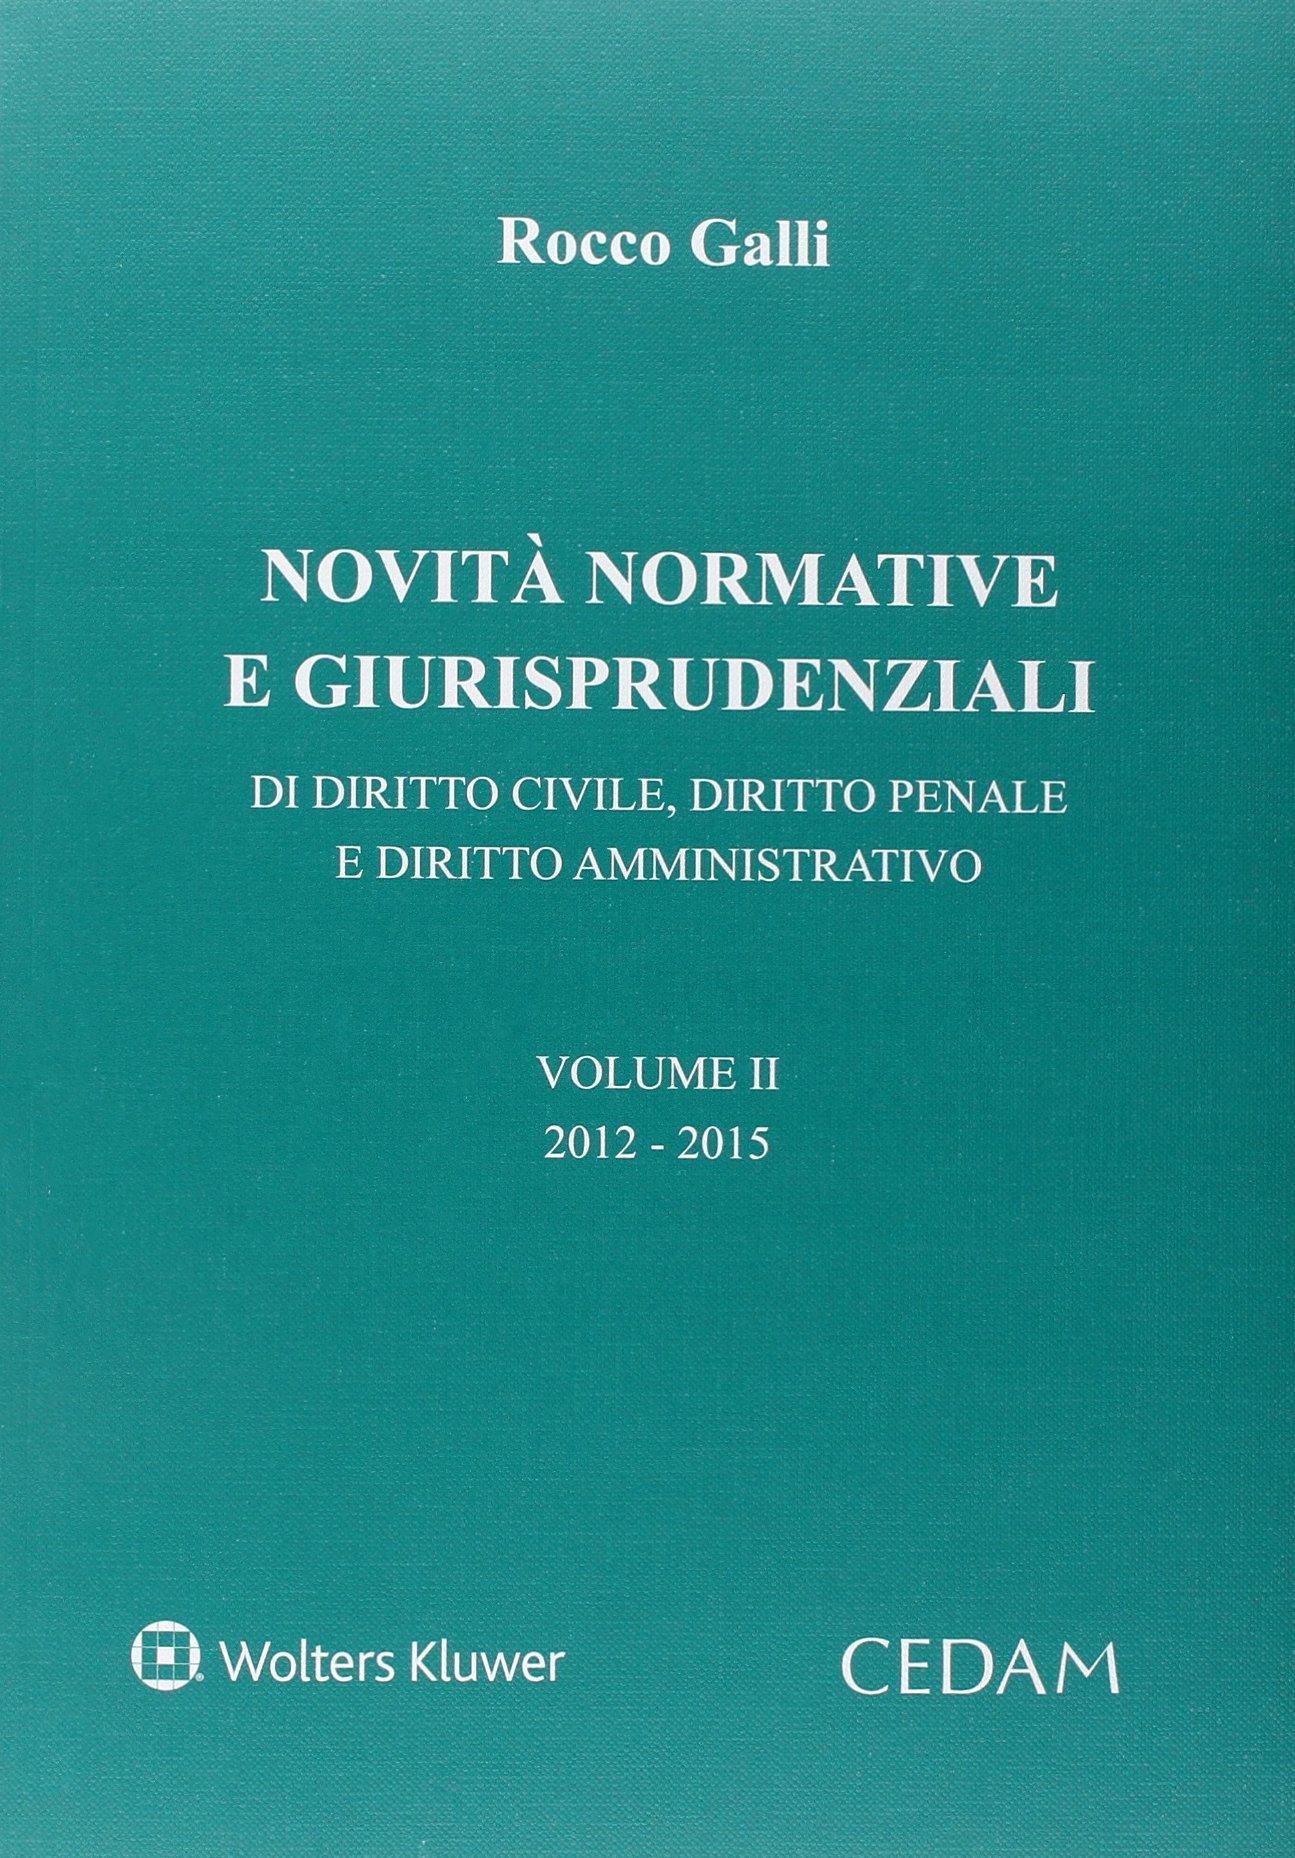 Novità normative e giurispudenziali. Di diritto civile, diritto penale e diritto amministrativo: 2